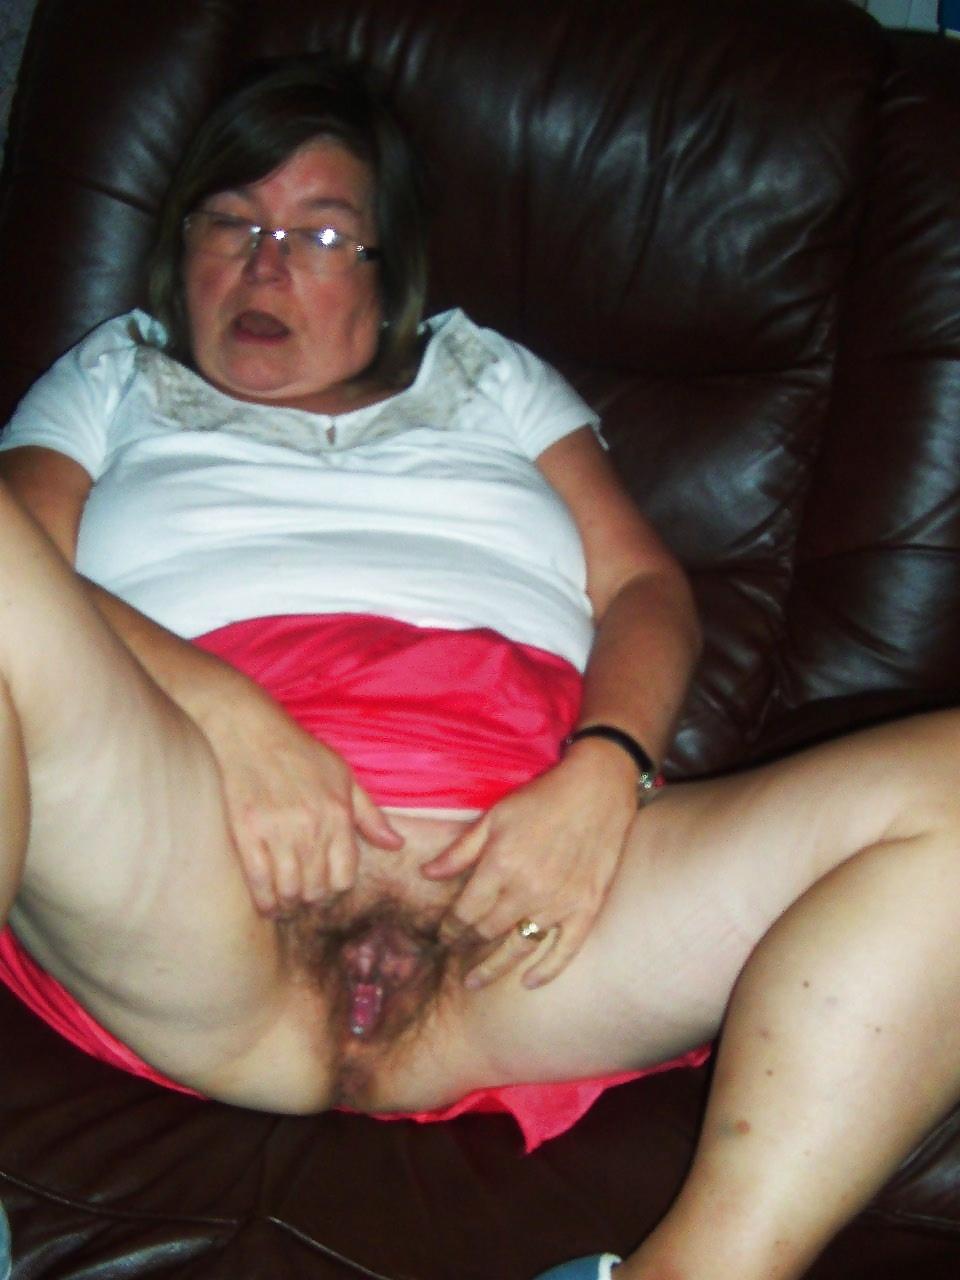 Interracial Granny Porn Xxx